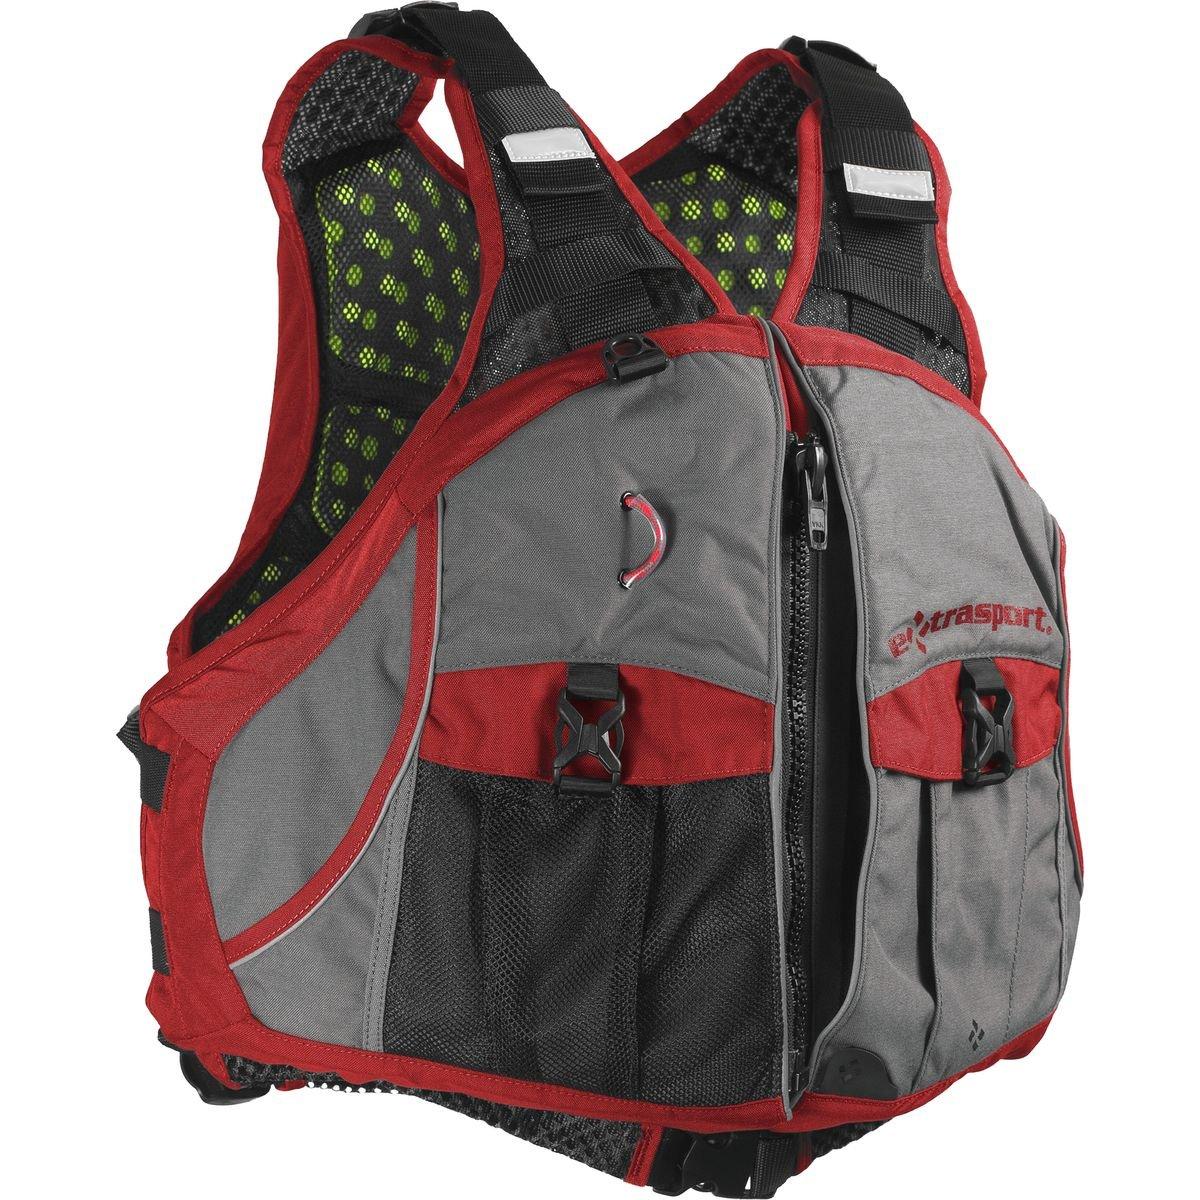 本物の Extrasport Eonライフジャケット – メンズグレー B00XLEO9L8/レッド Extrasport、L/ XL/ B00XLEO9L8, SMOKEY BONES:6cabb979 --- a0267596.xsph.ru